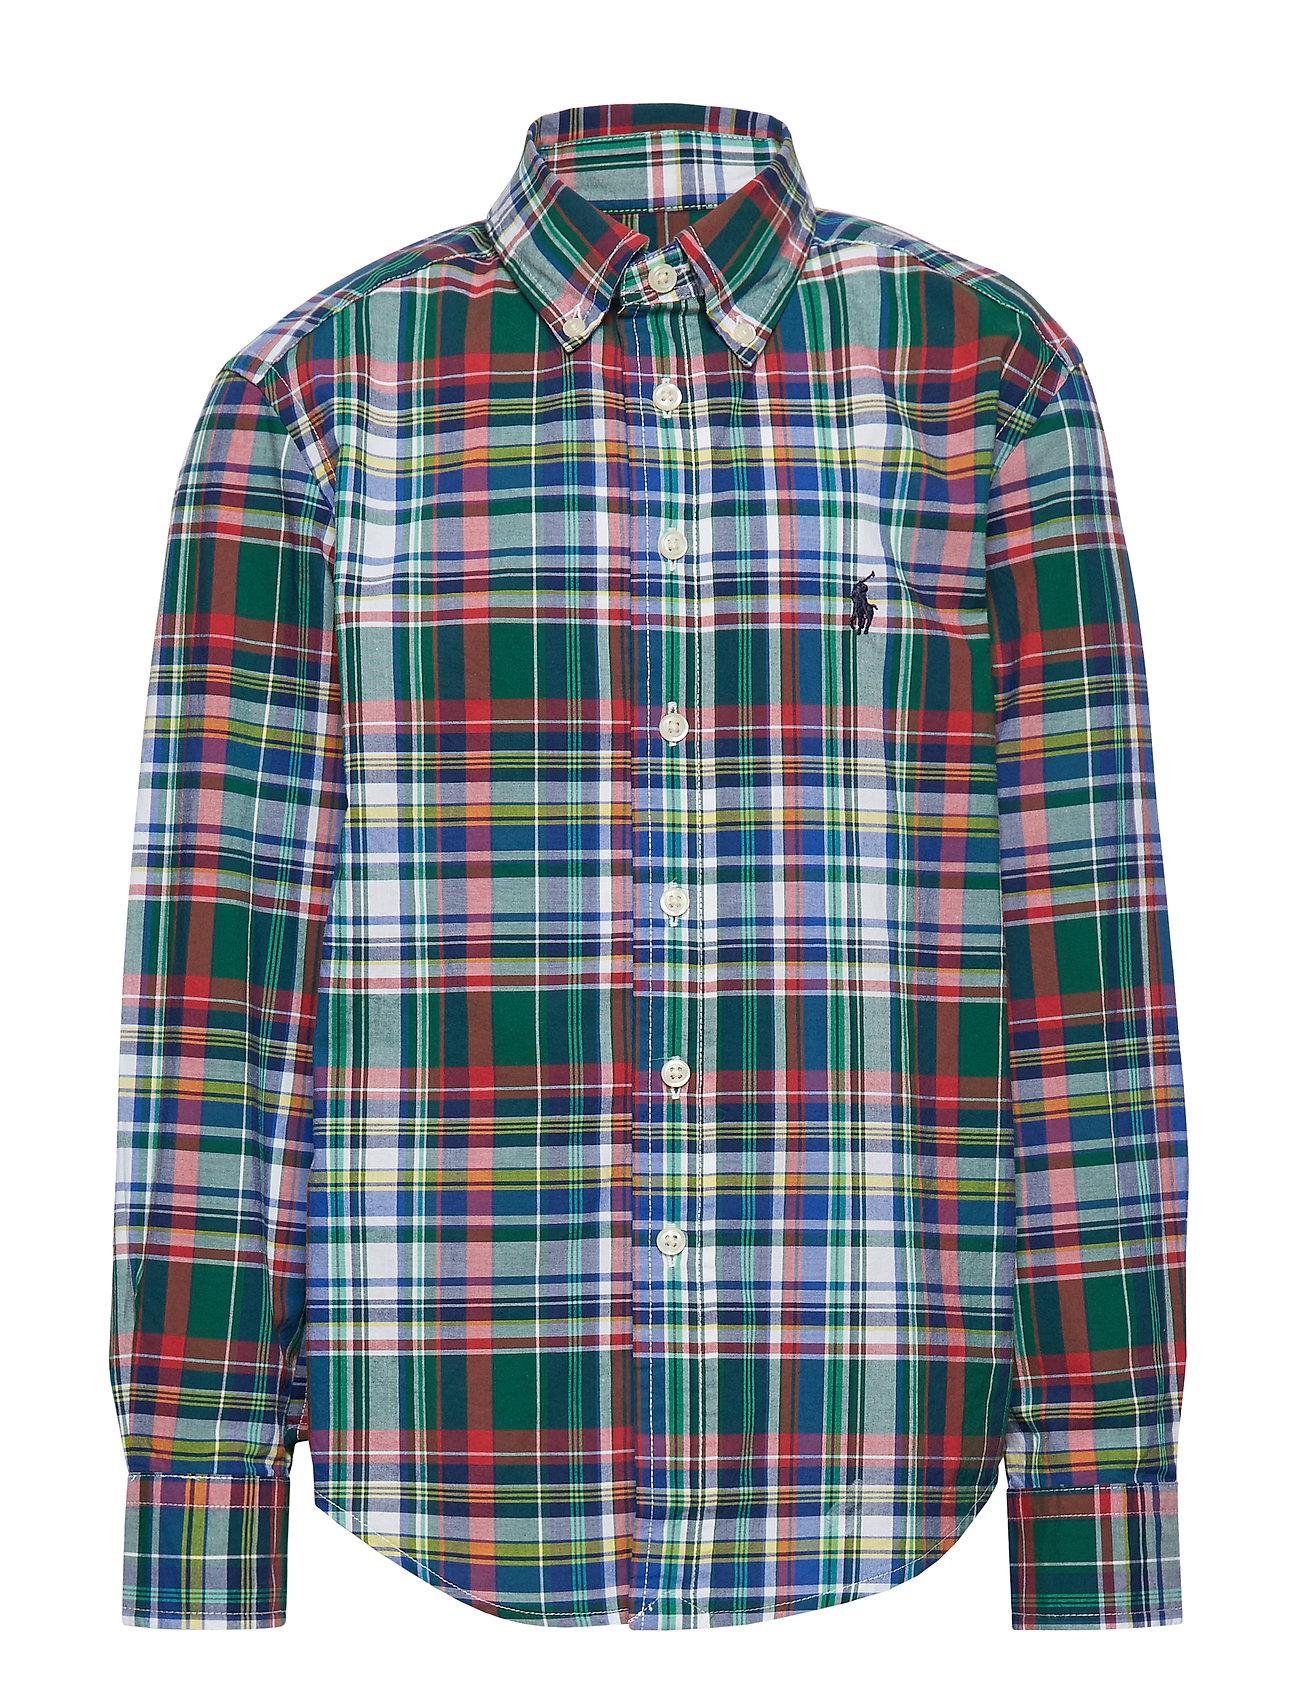 Ralph Lauren Kids Plaid Cotton Poplin Shirt - GREEN/RED MULTI